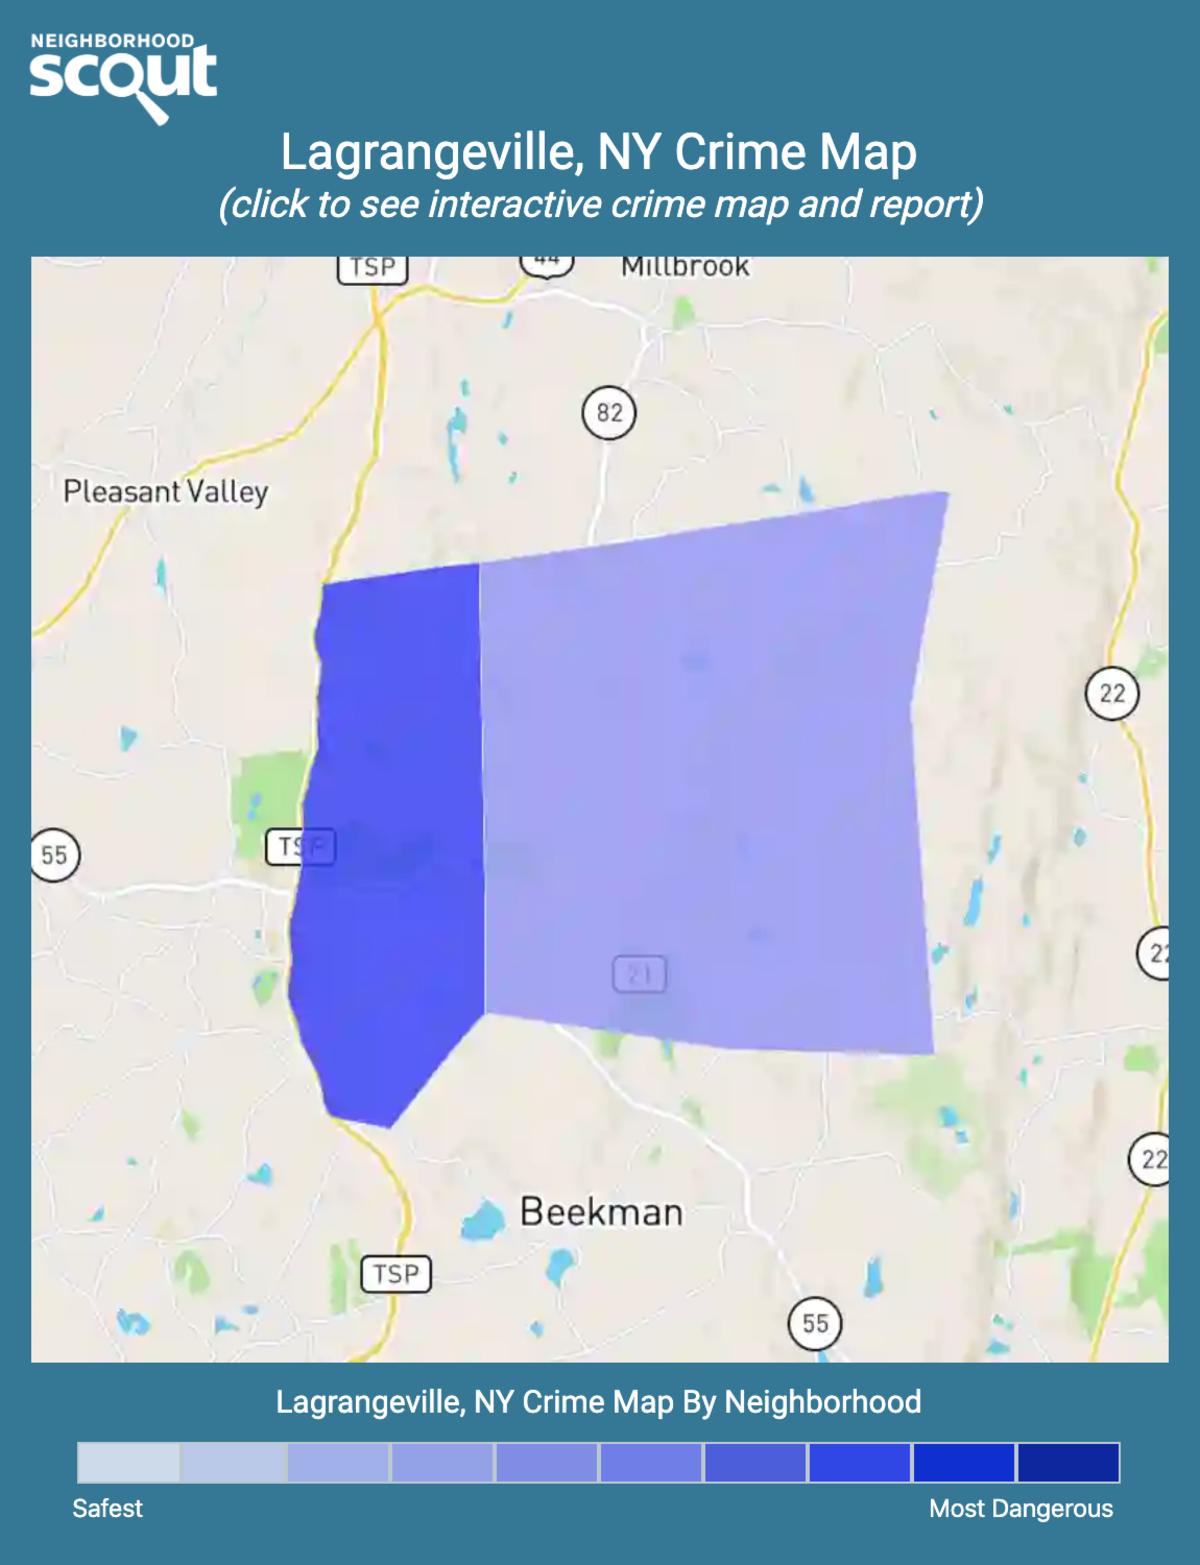 Lagrangeville, New York crime map